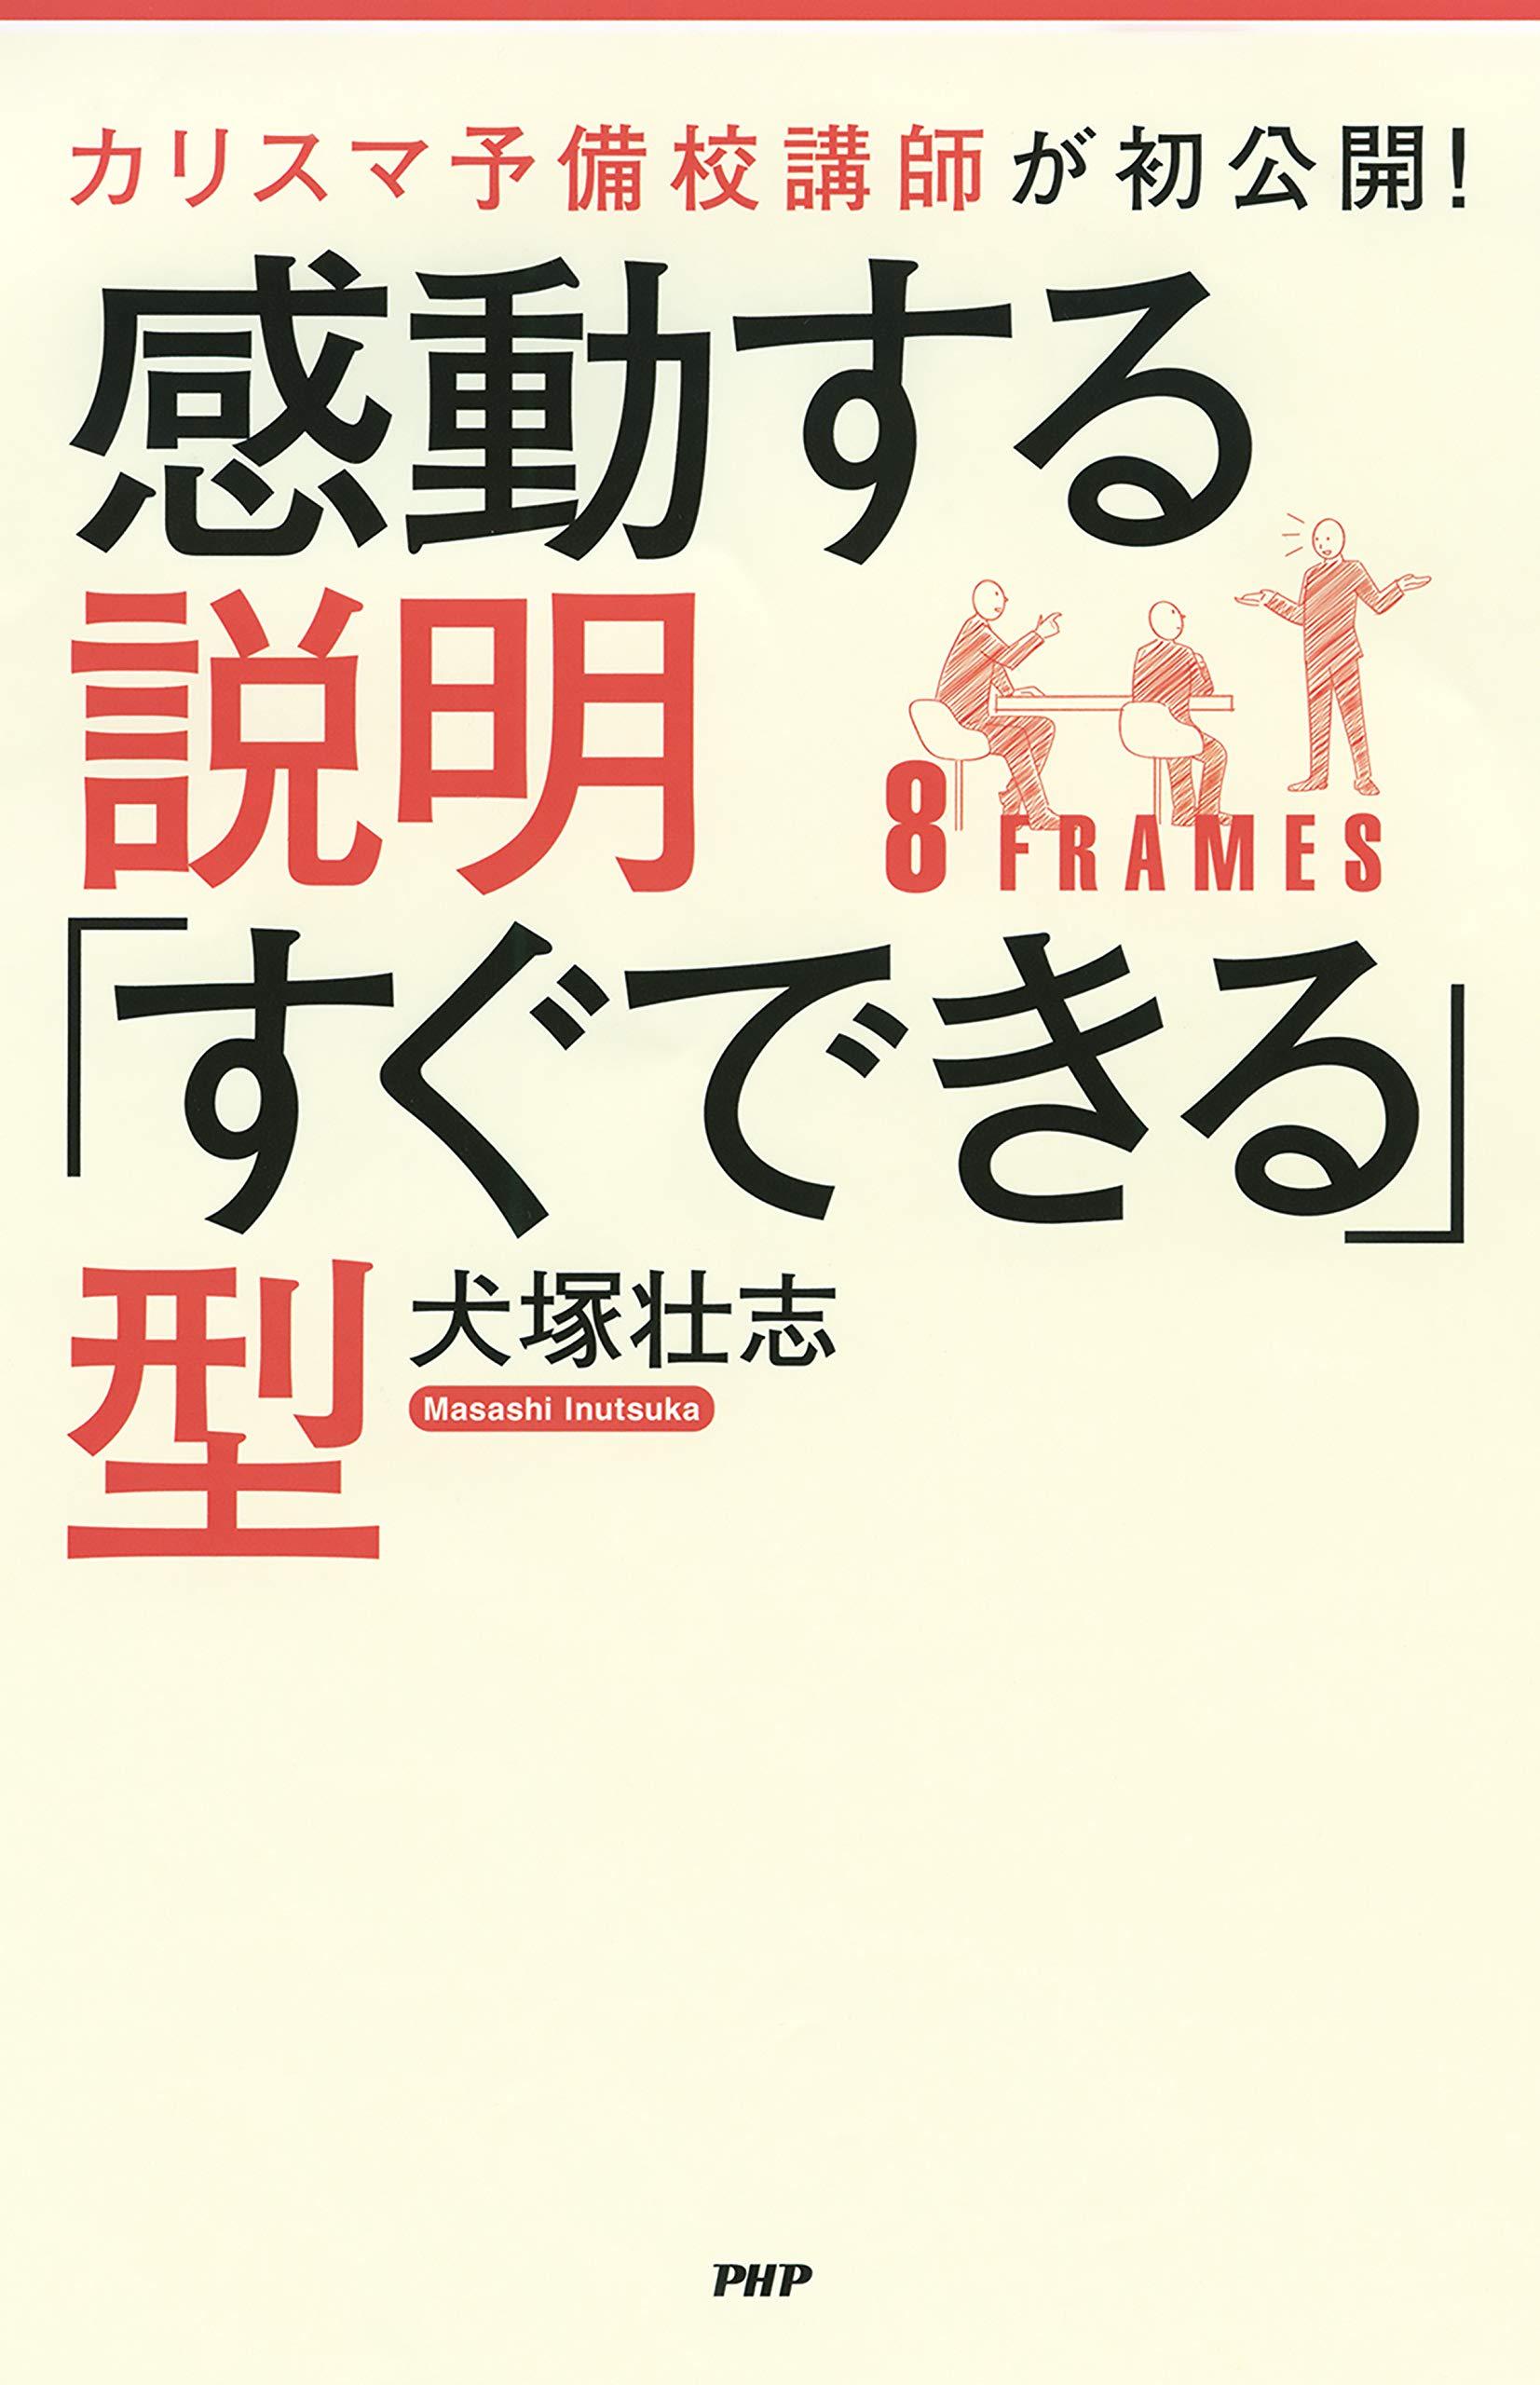 カリスマ予備校講師が初公開! 感動する説明「すぐできる」型 (Japanese Edition)